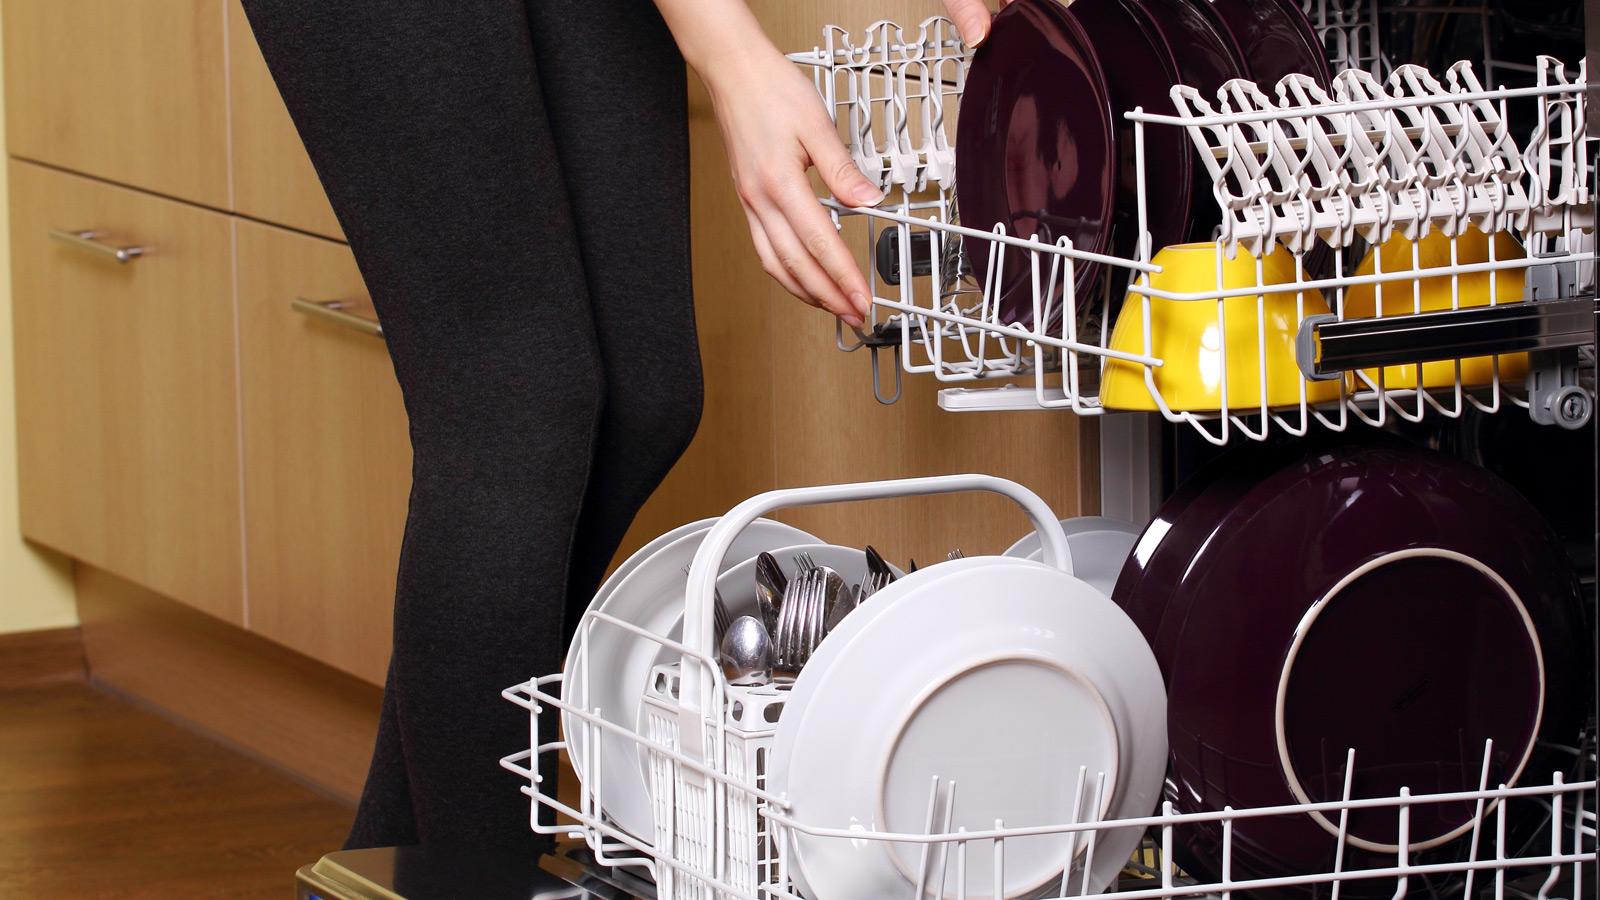 Extrem Geschirrspüler anschliessen - Tipps & Tricks | UPDATED MT17